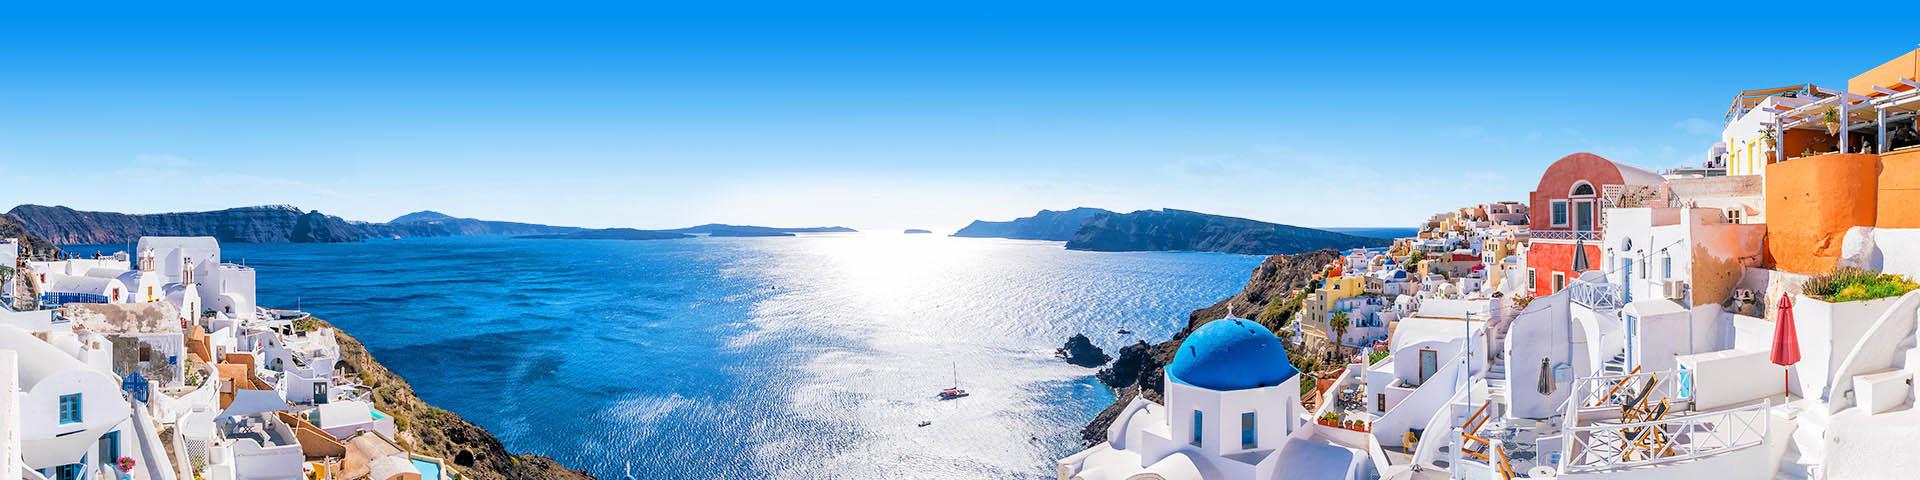 Witte en gekleurde huisjes in Santorini met een open blauwe zee